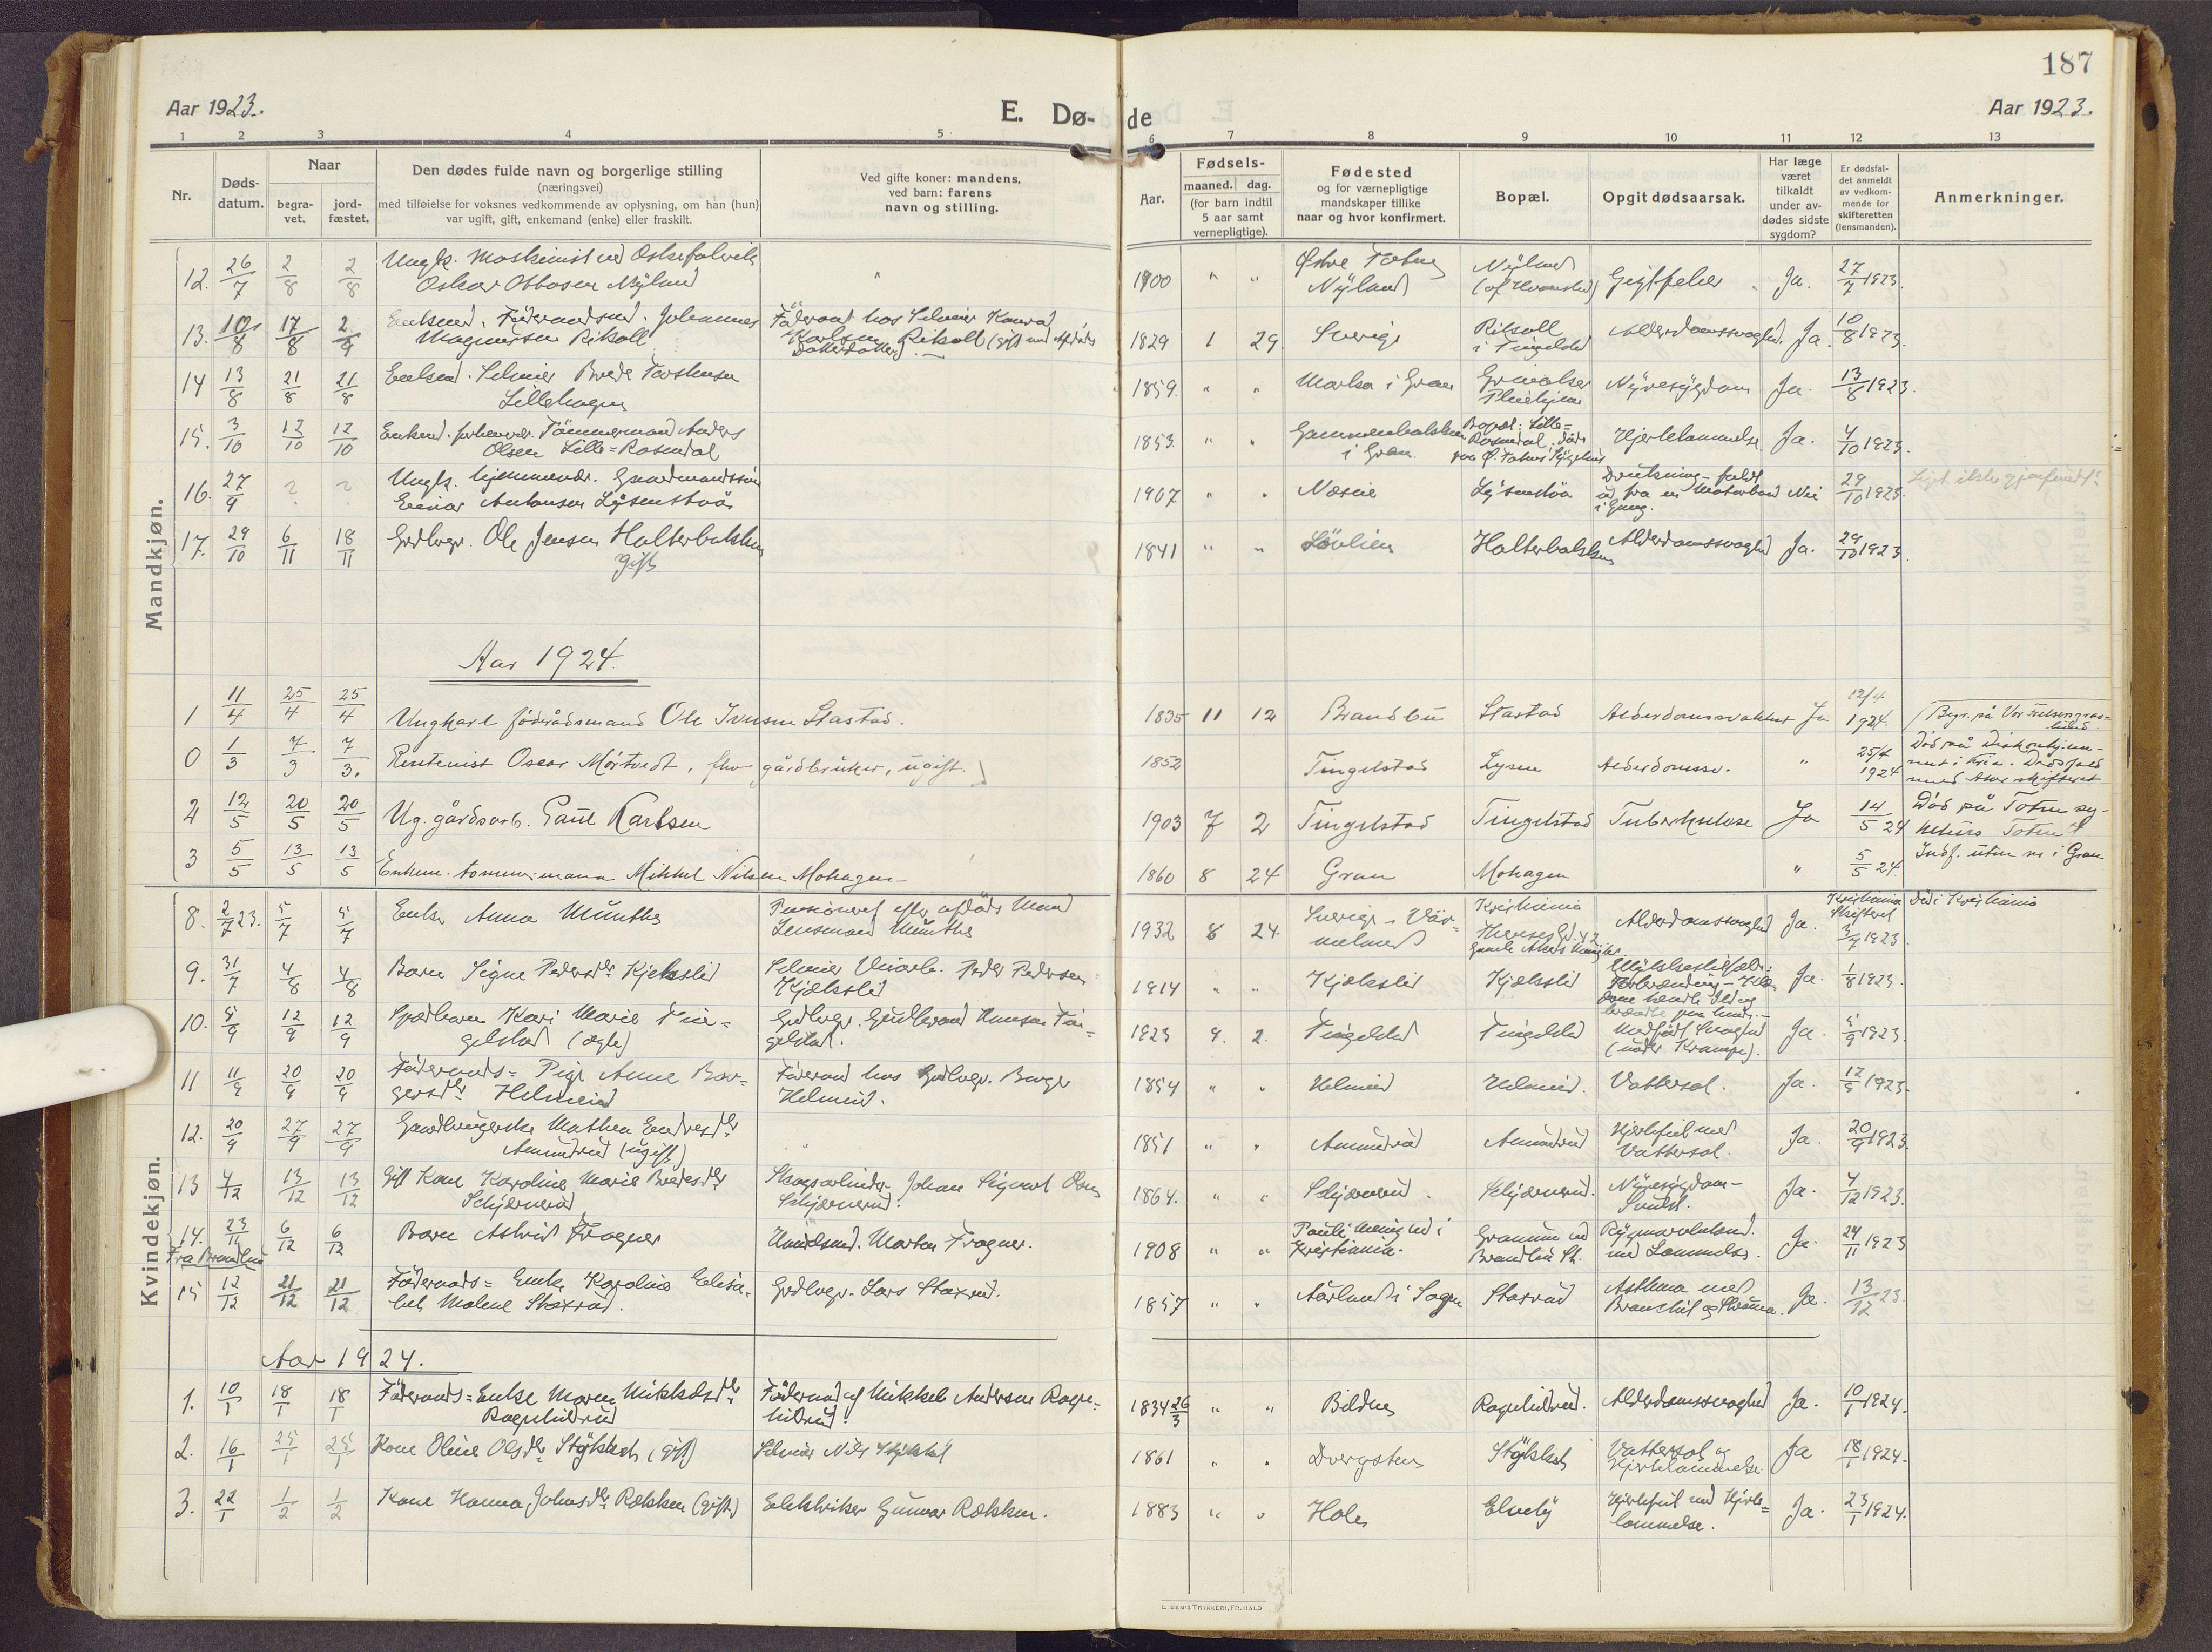 SAH, Brandbu prestekontor, Ministerialbok nr. 3, 1914-1928, s. 187